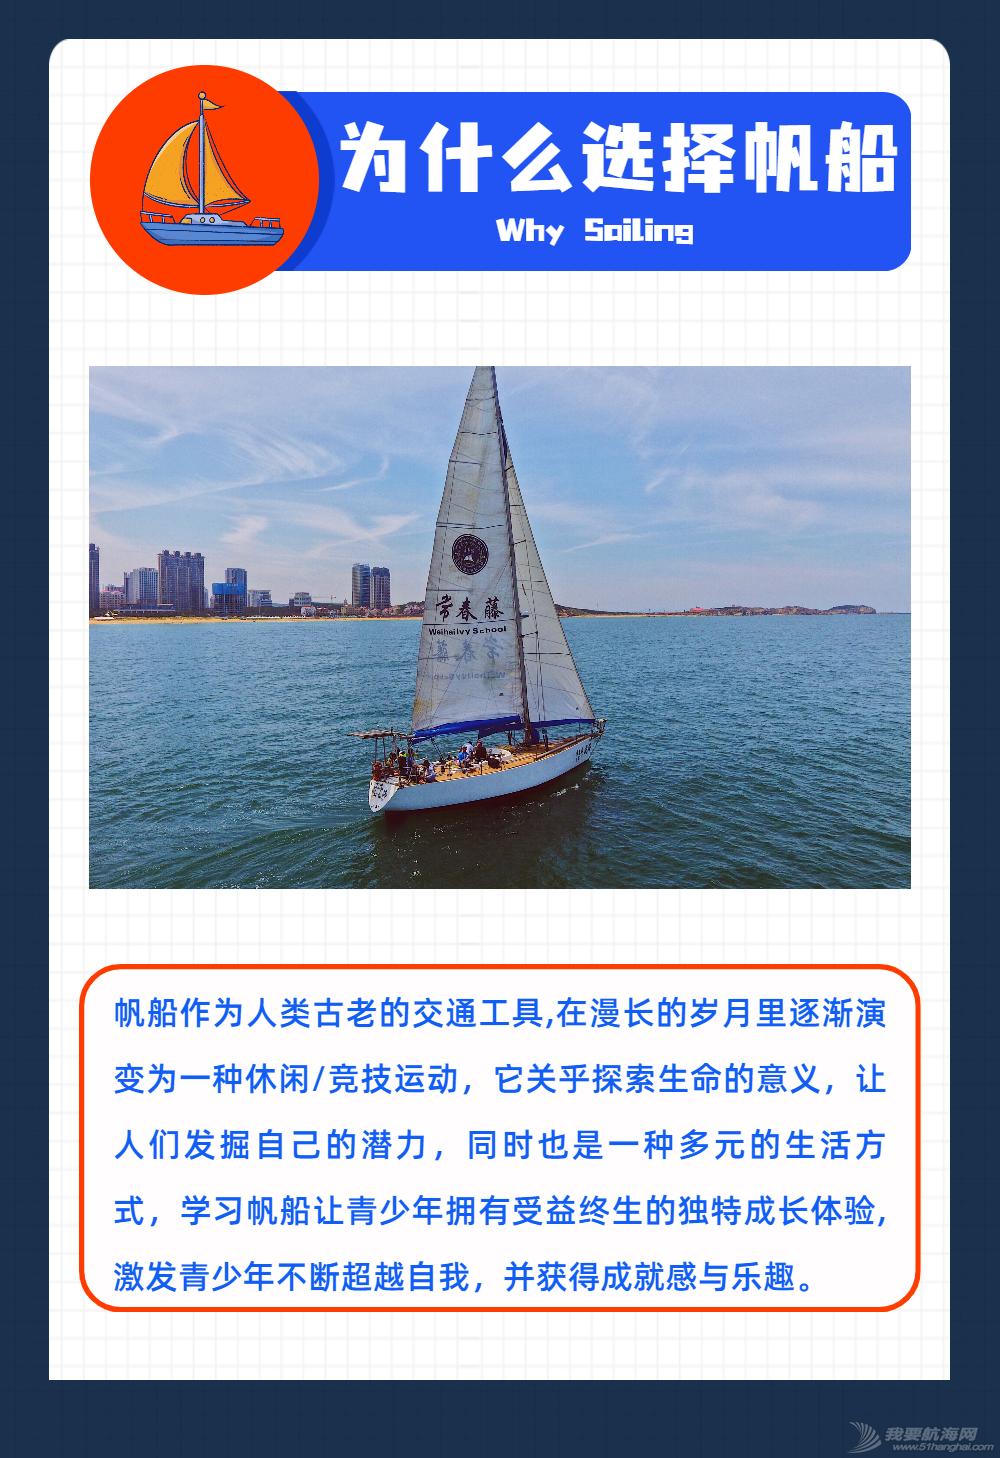 【又玩又学习,又练又比赛】2021威海帆船训练游学营w13.jpg